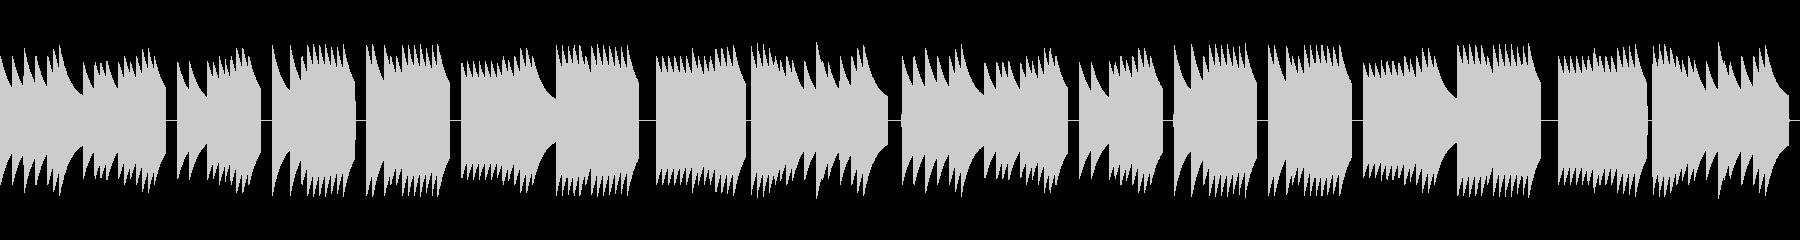 歩行者用信号機の音_とおりゃんせ_02の未再生の波形